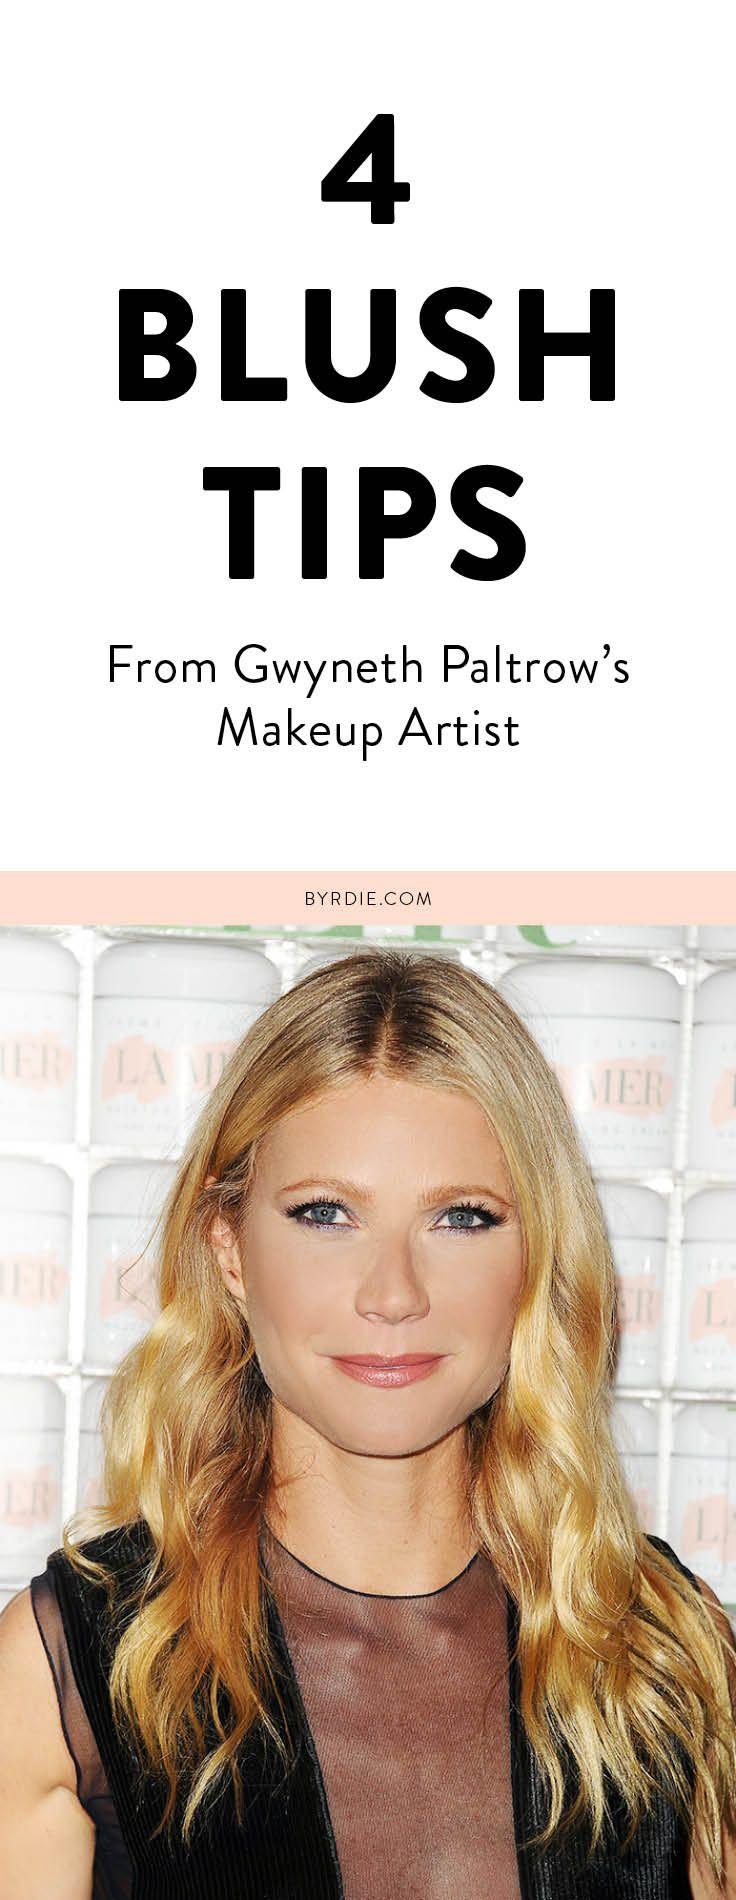 Blush tips that Gwyneth Paltrow swears by